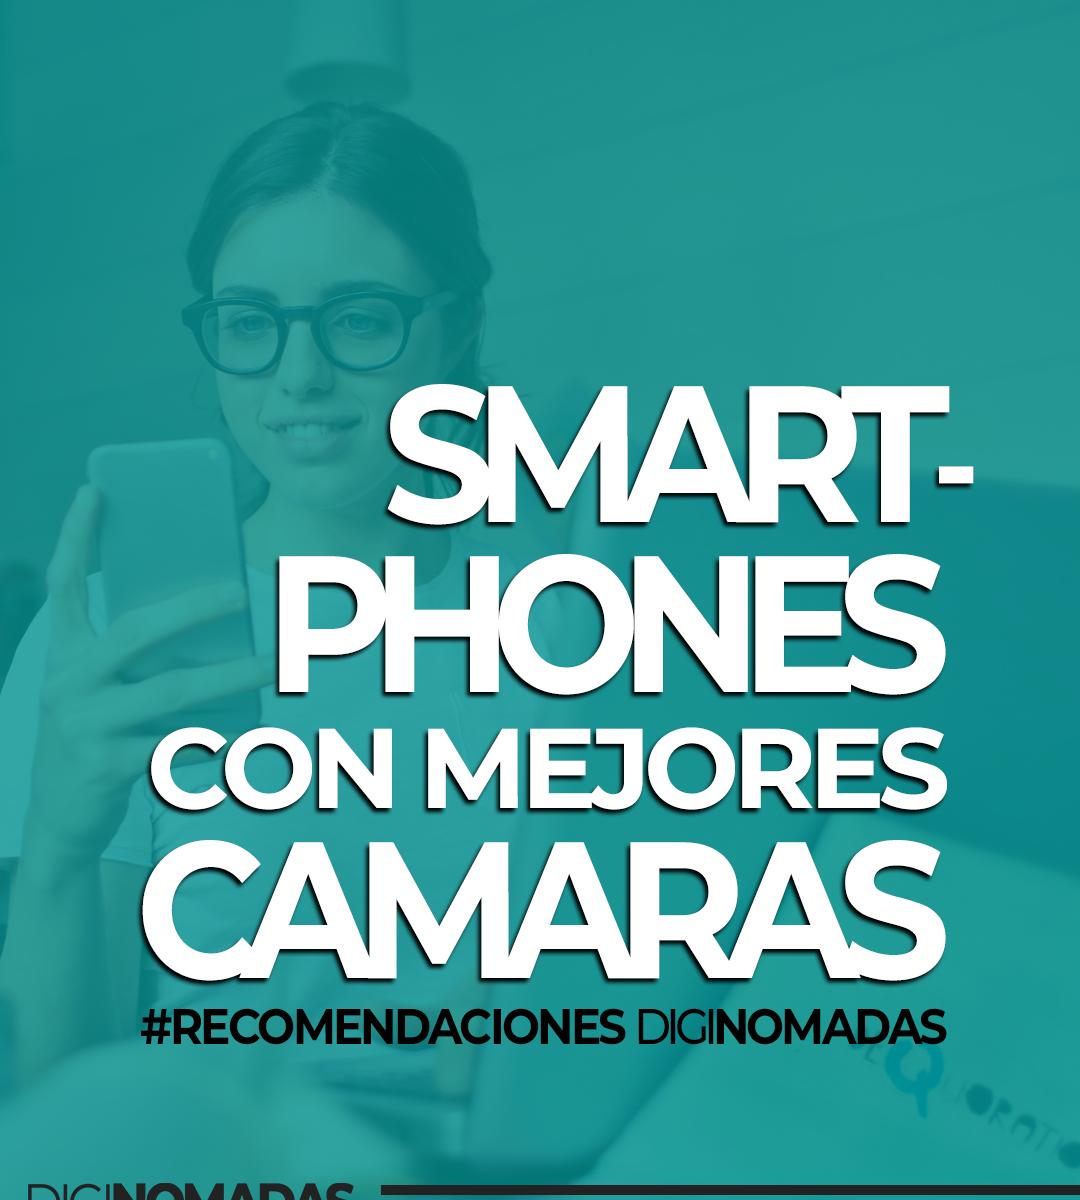 Los mejores teléfonos móviles para nómadas digitales - celulares y smartphones